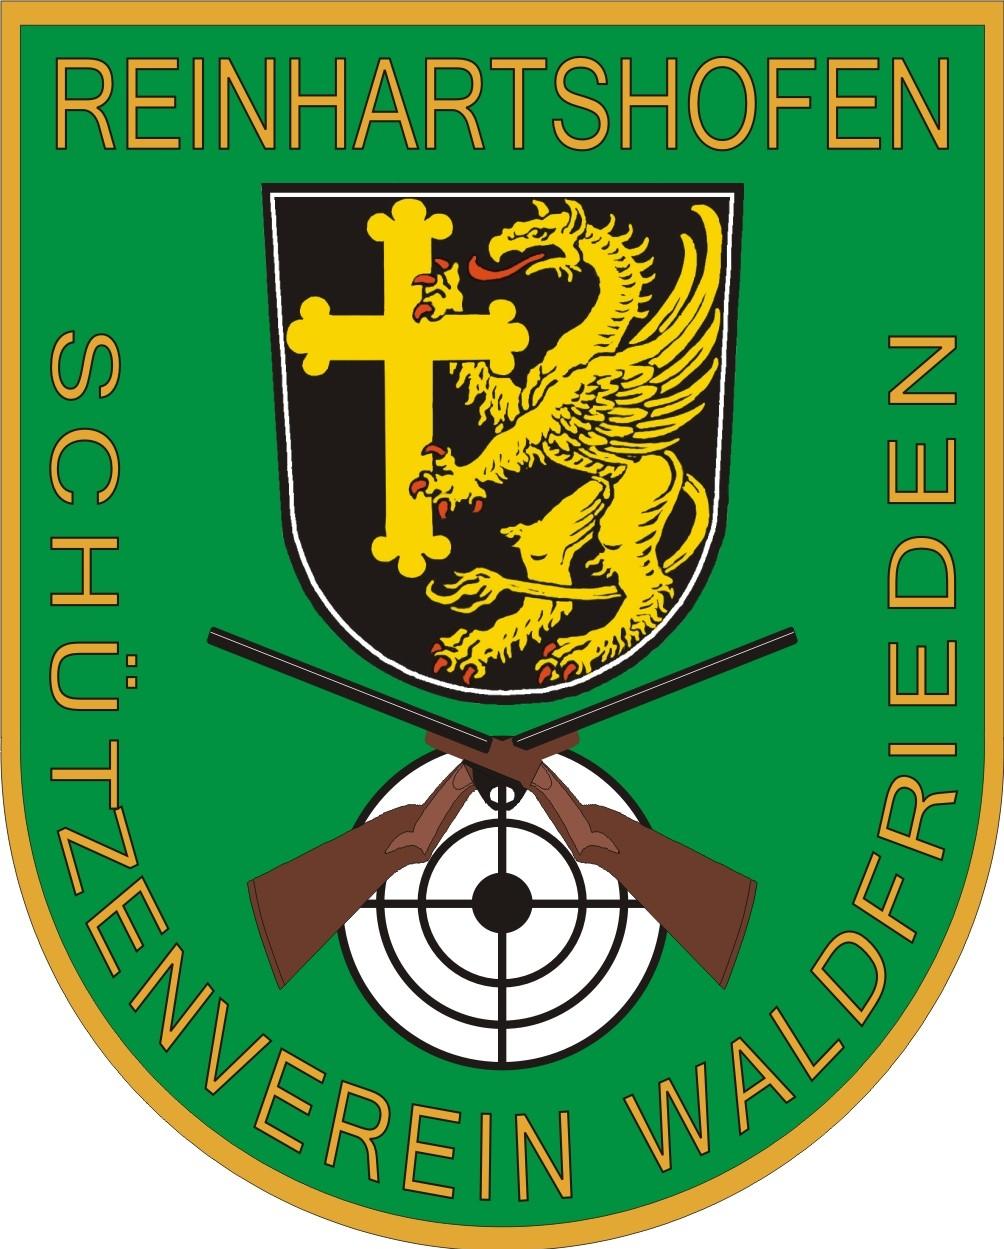 LG2 Reinhartshofen